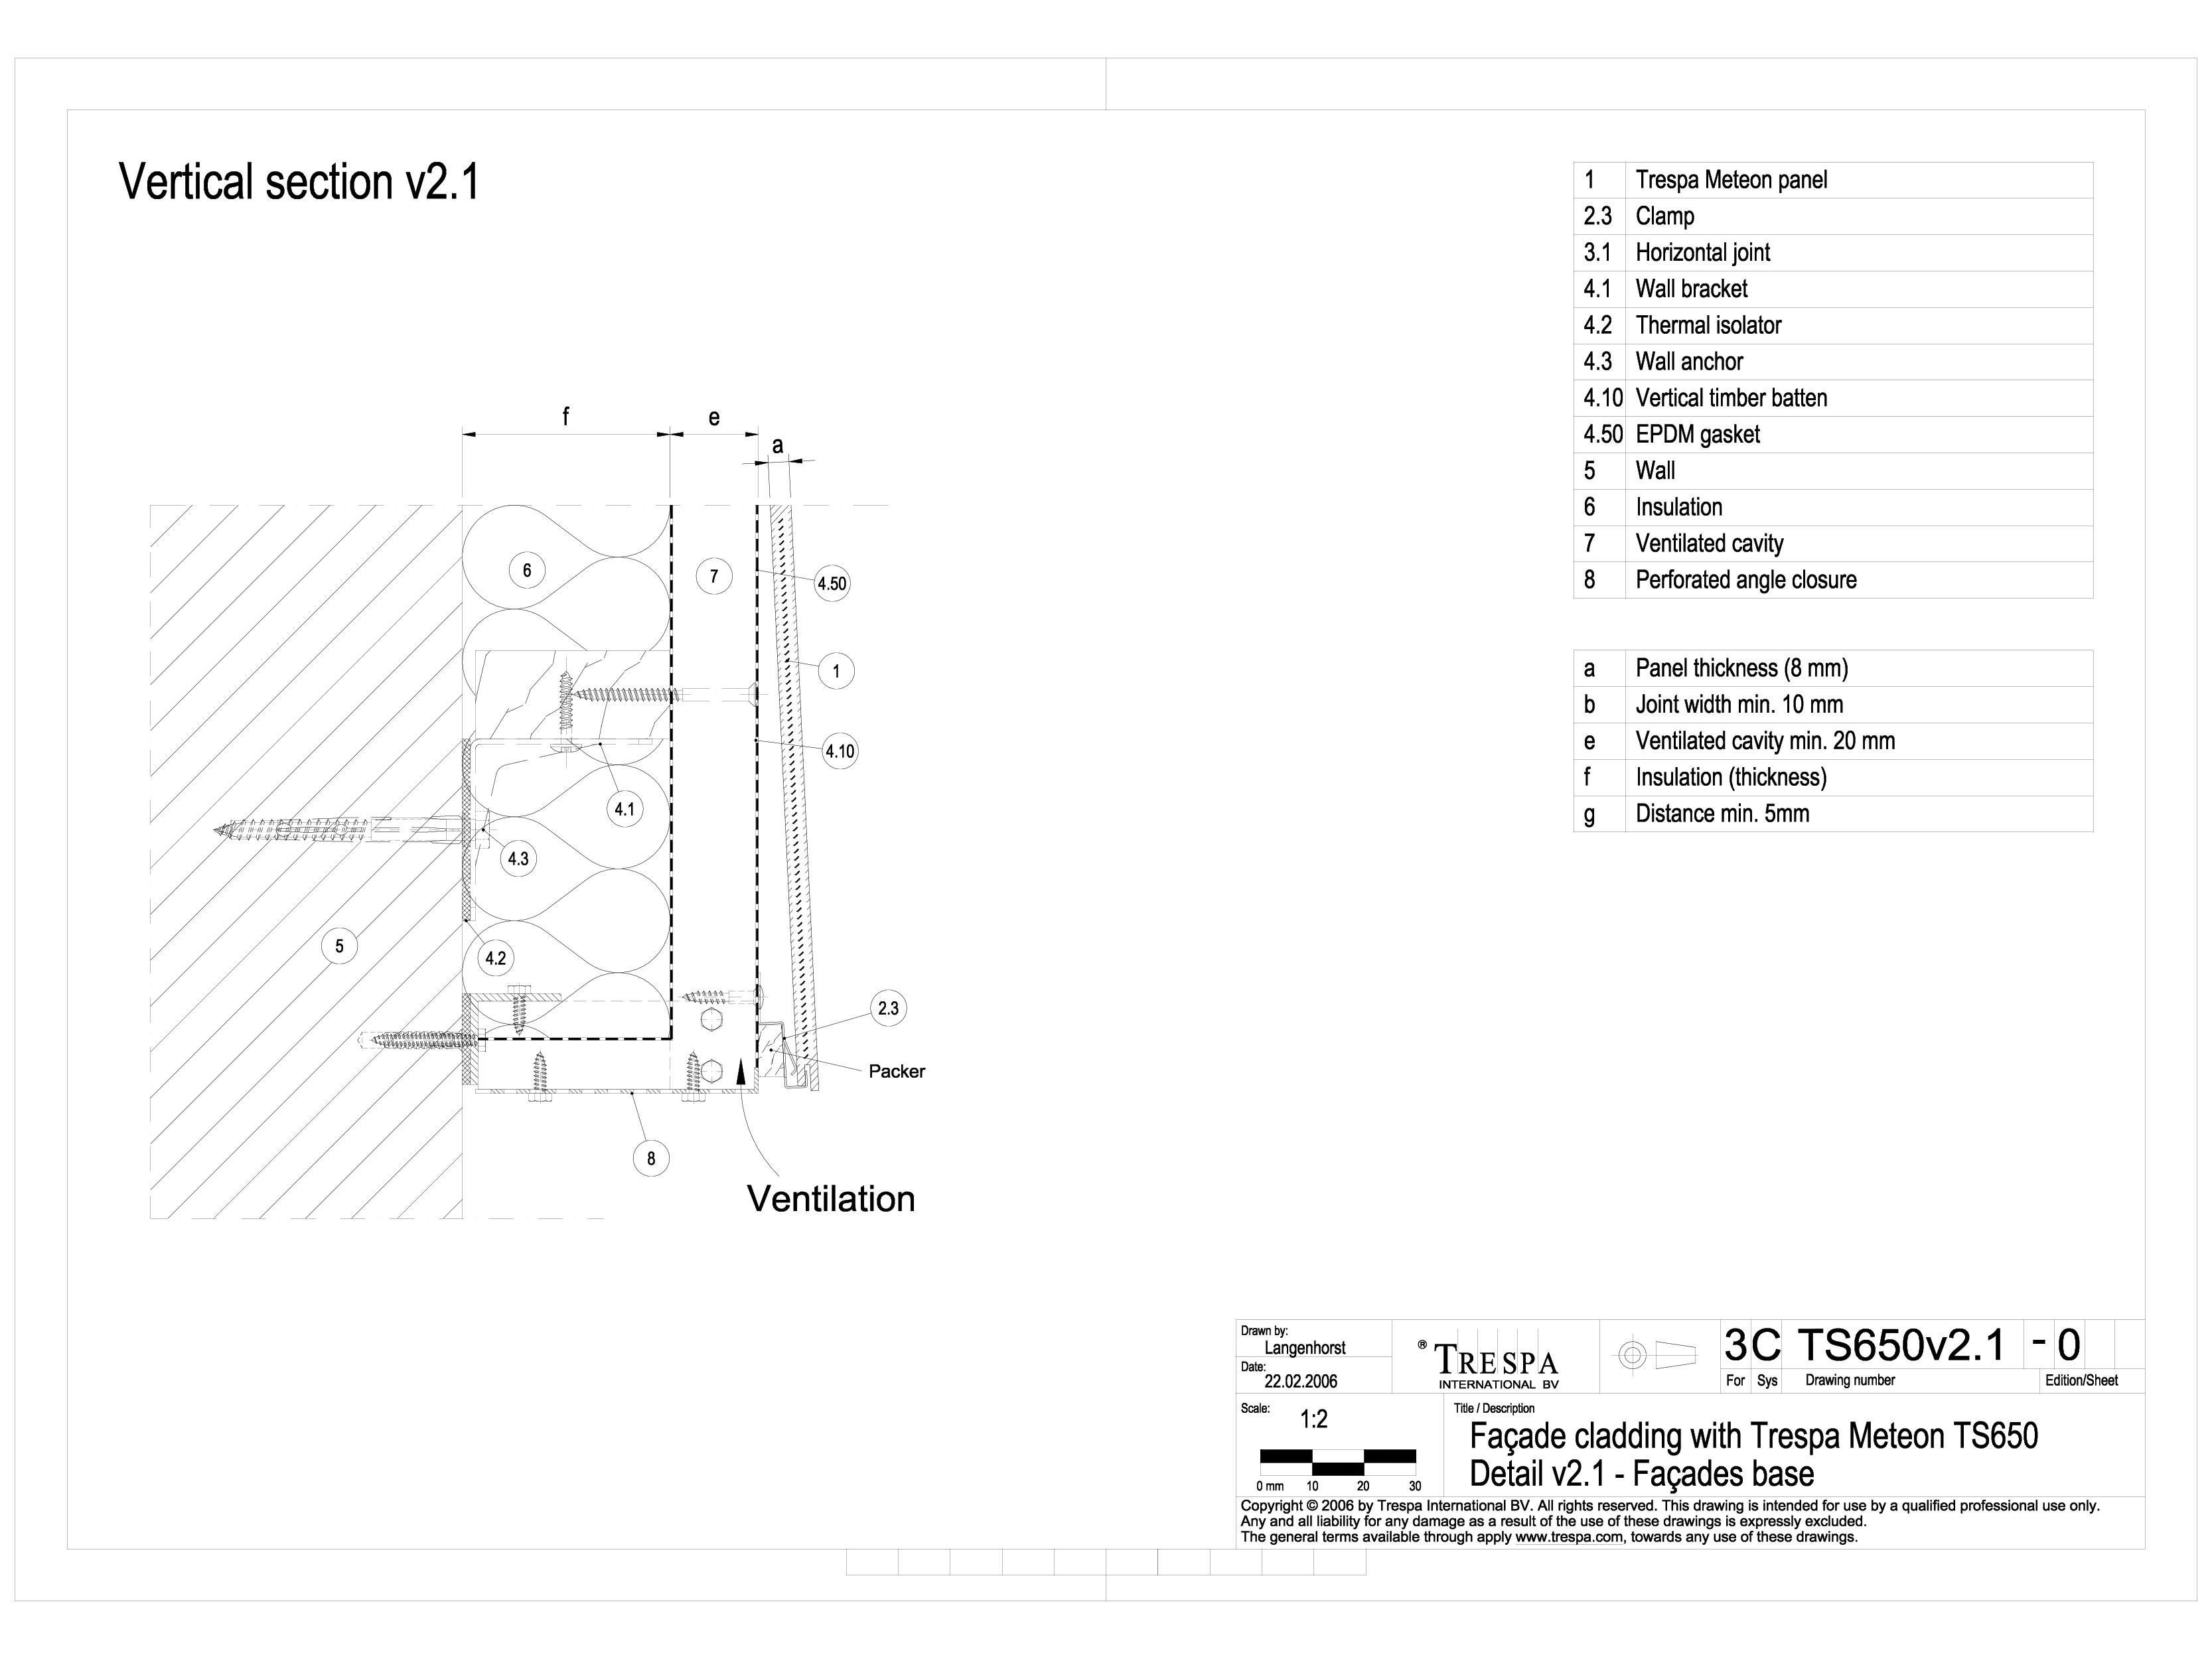 Sisteme de prindere fatade ventilate cu clame, detaliu de prondere la baza fatadei METEON TRESPA Placi HPL pentru fatade ventilate GIBB TECHNOLOGIES  - Pagina 1